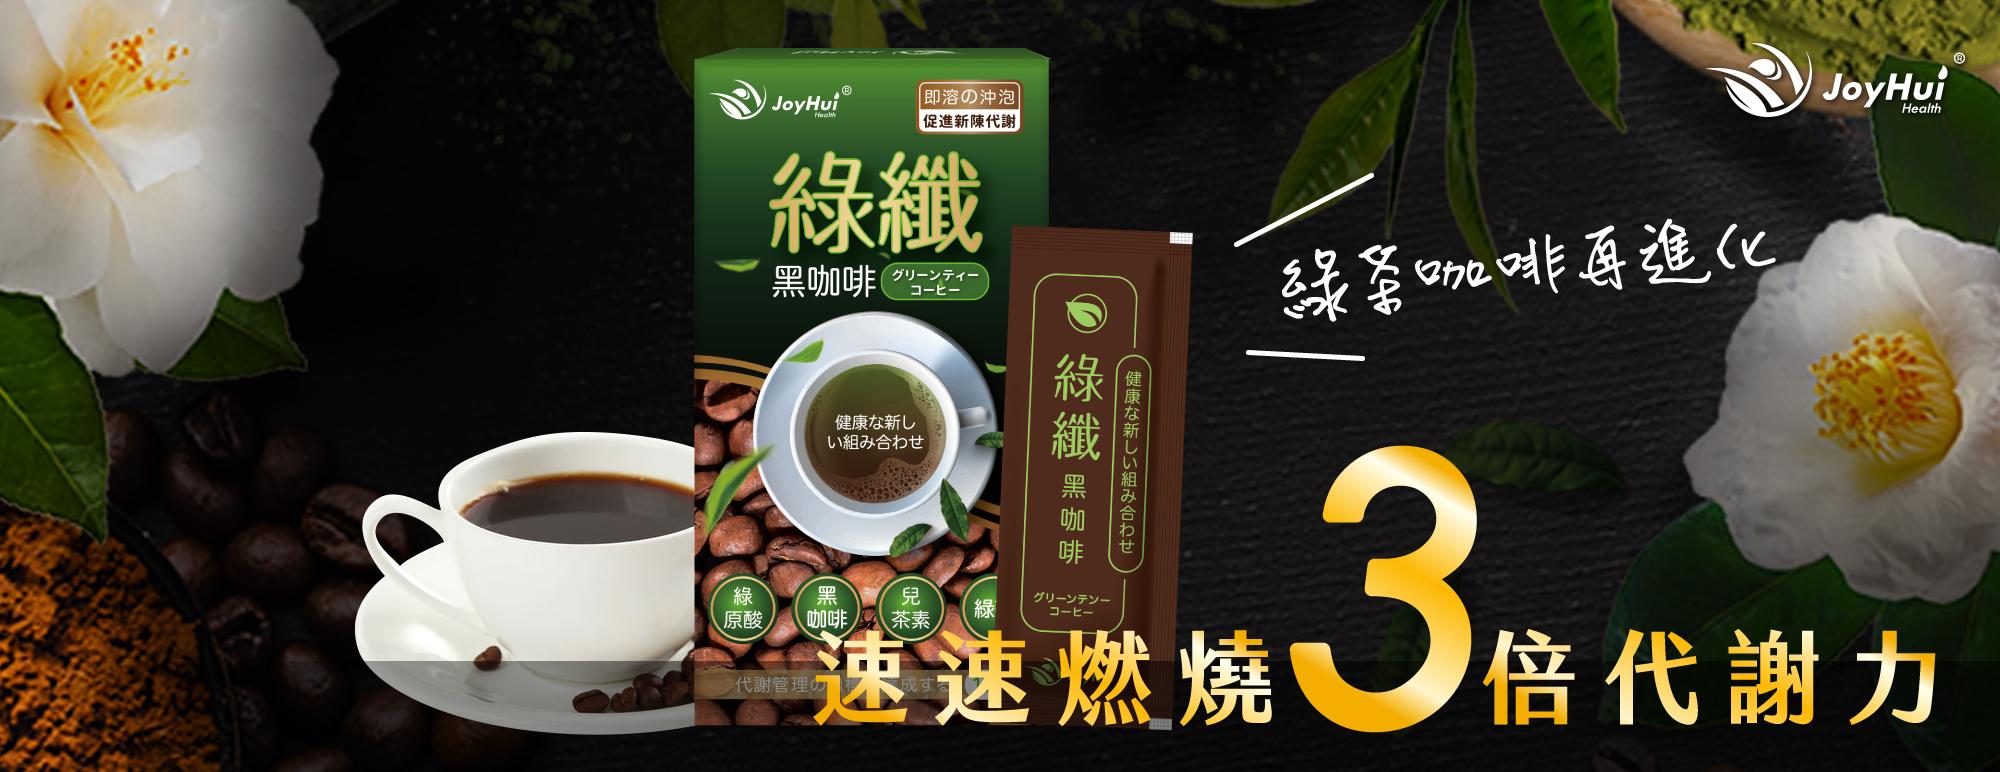 綠纖咖啡代謝管理新選擇